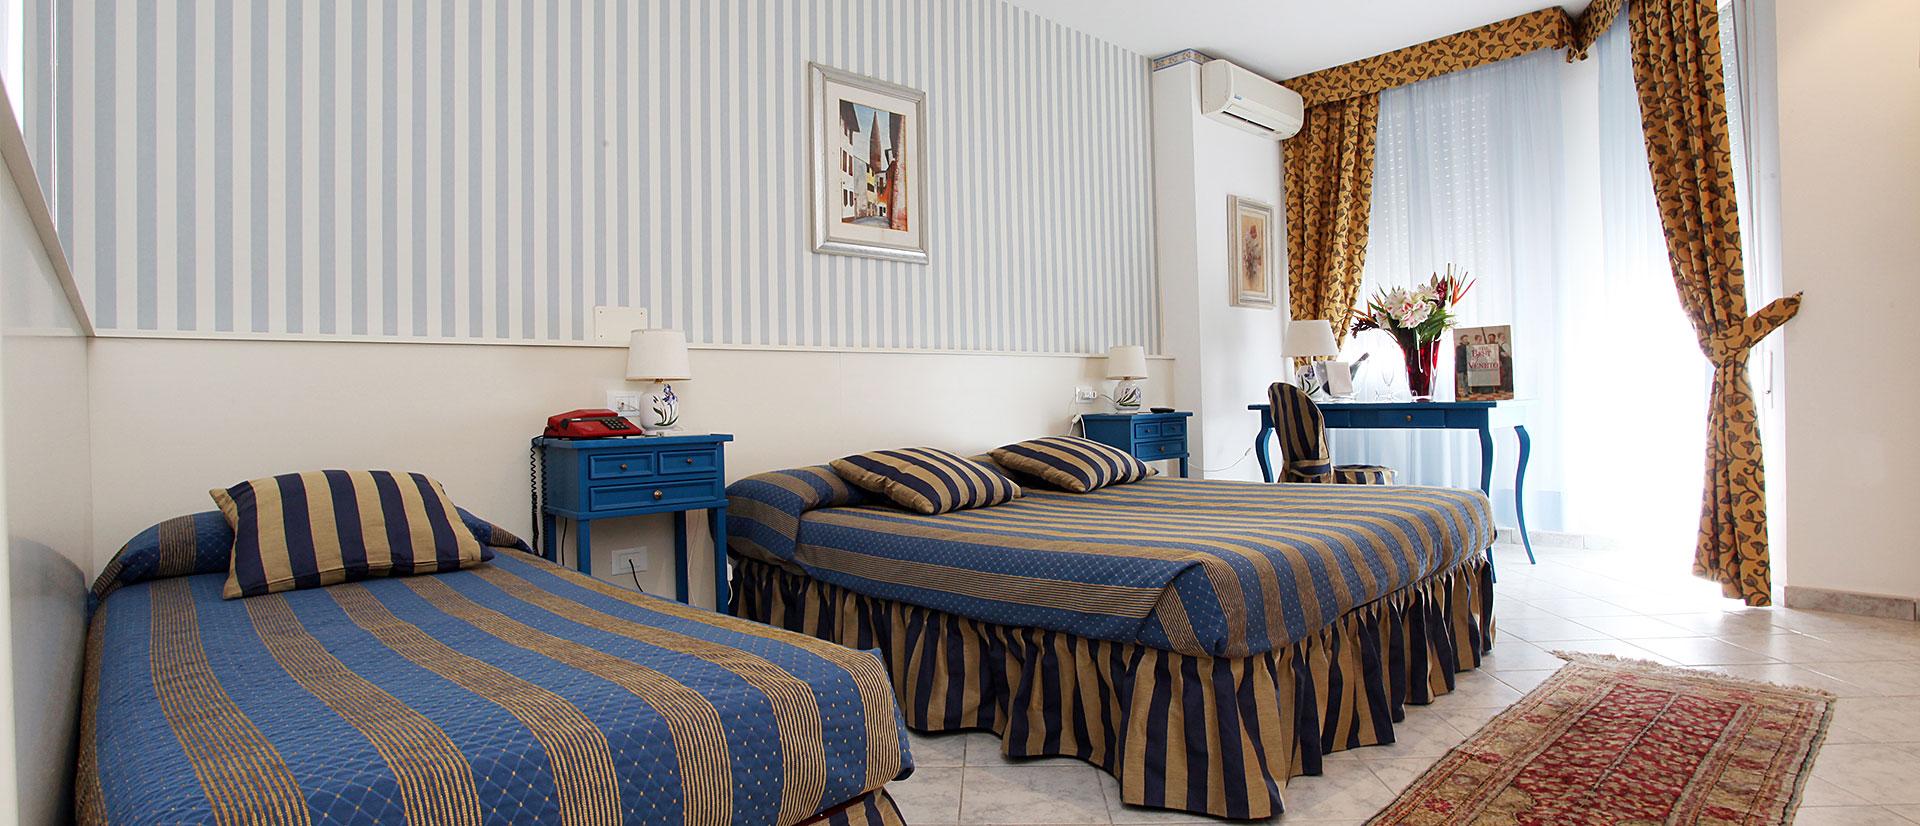 jesolo-hotel-camere-fronte-mare